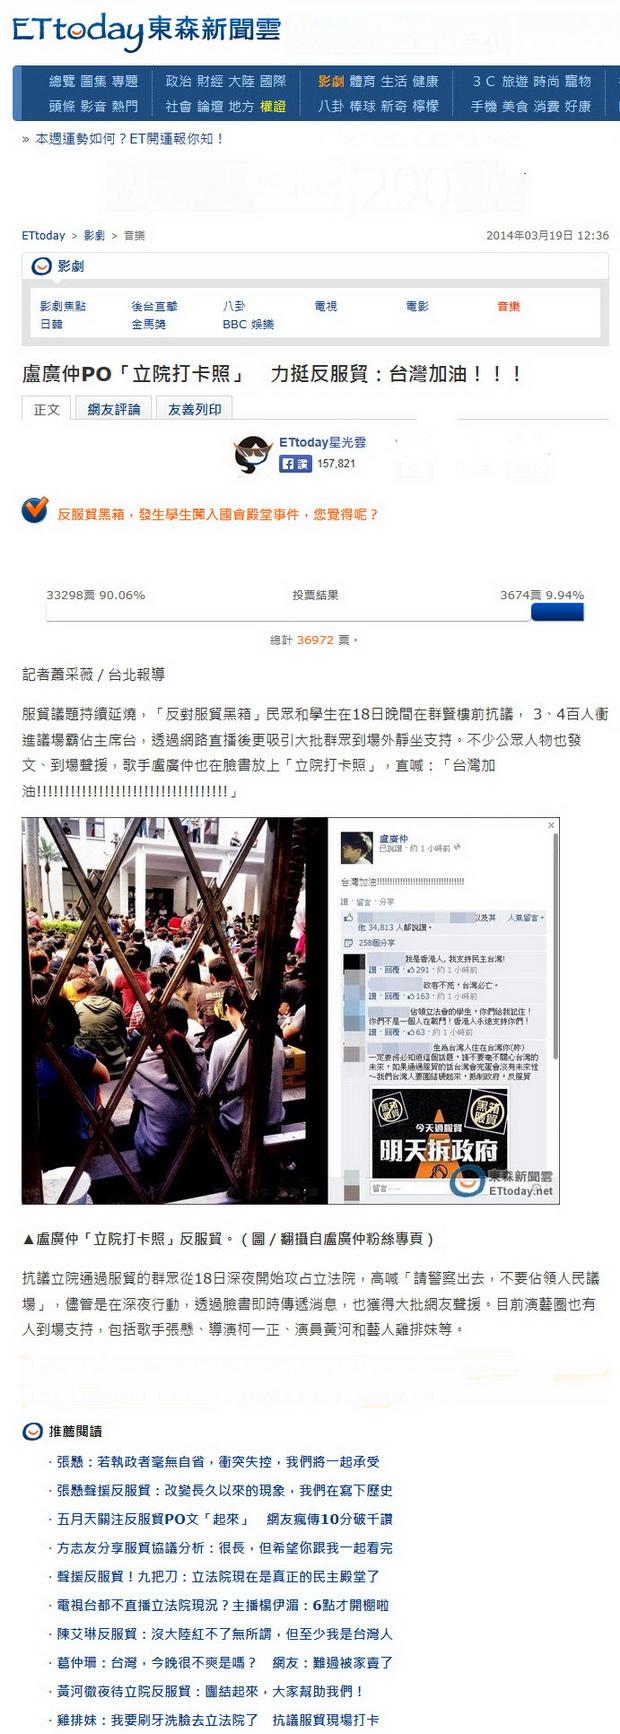 盧廣仲PO「立院打卡照」 力挺反服貿:台灣加油!!!-2014.03.19.jpg